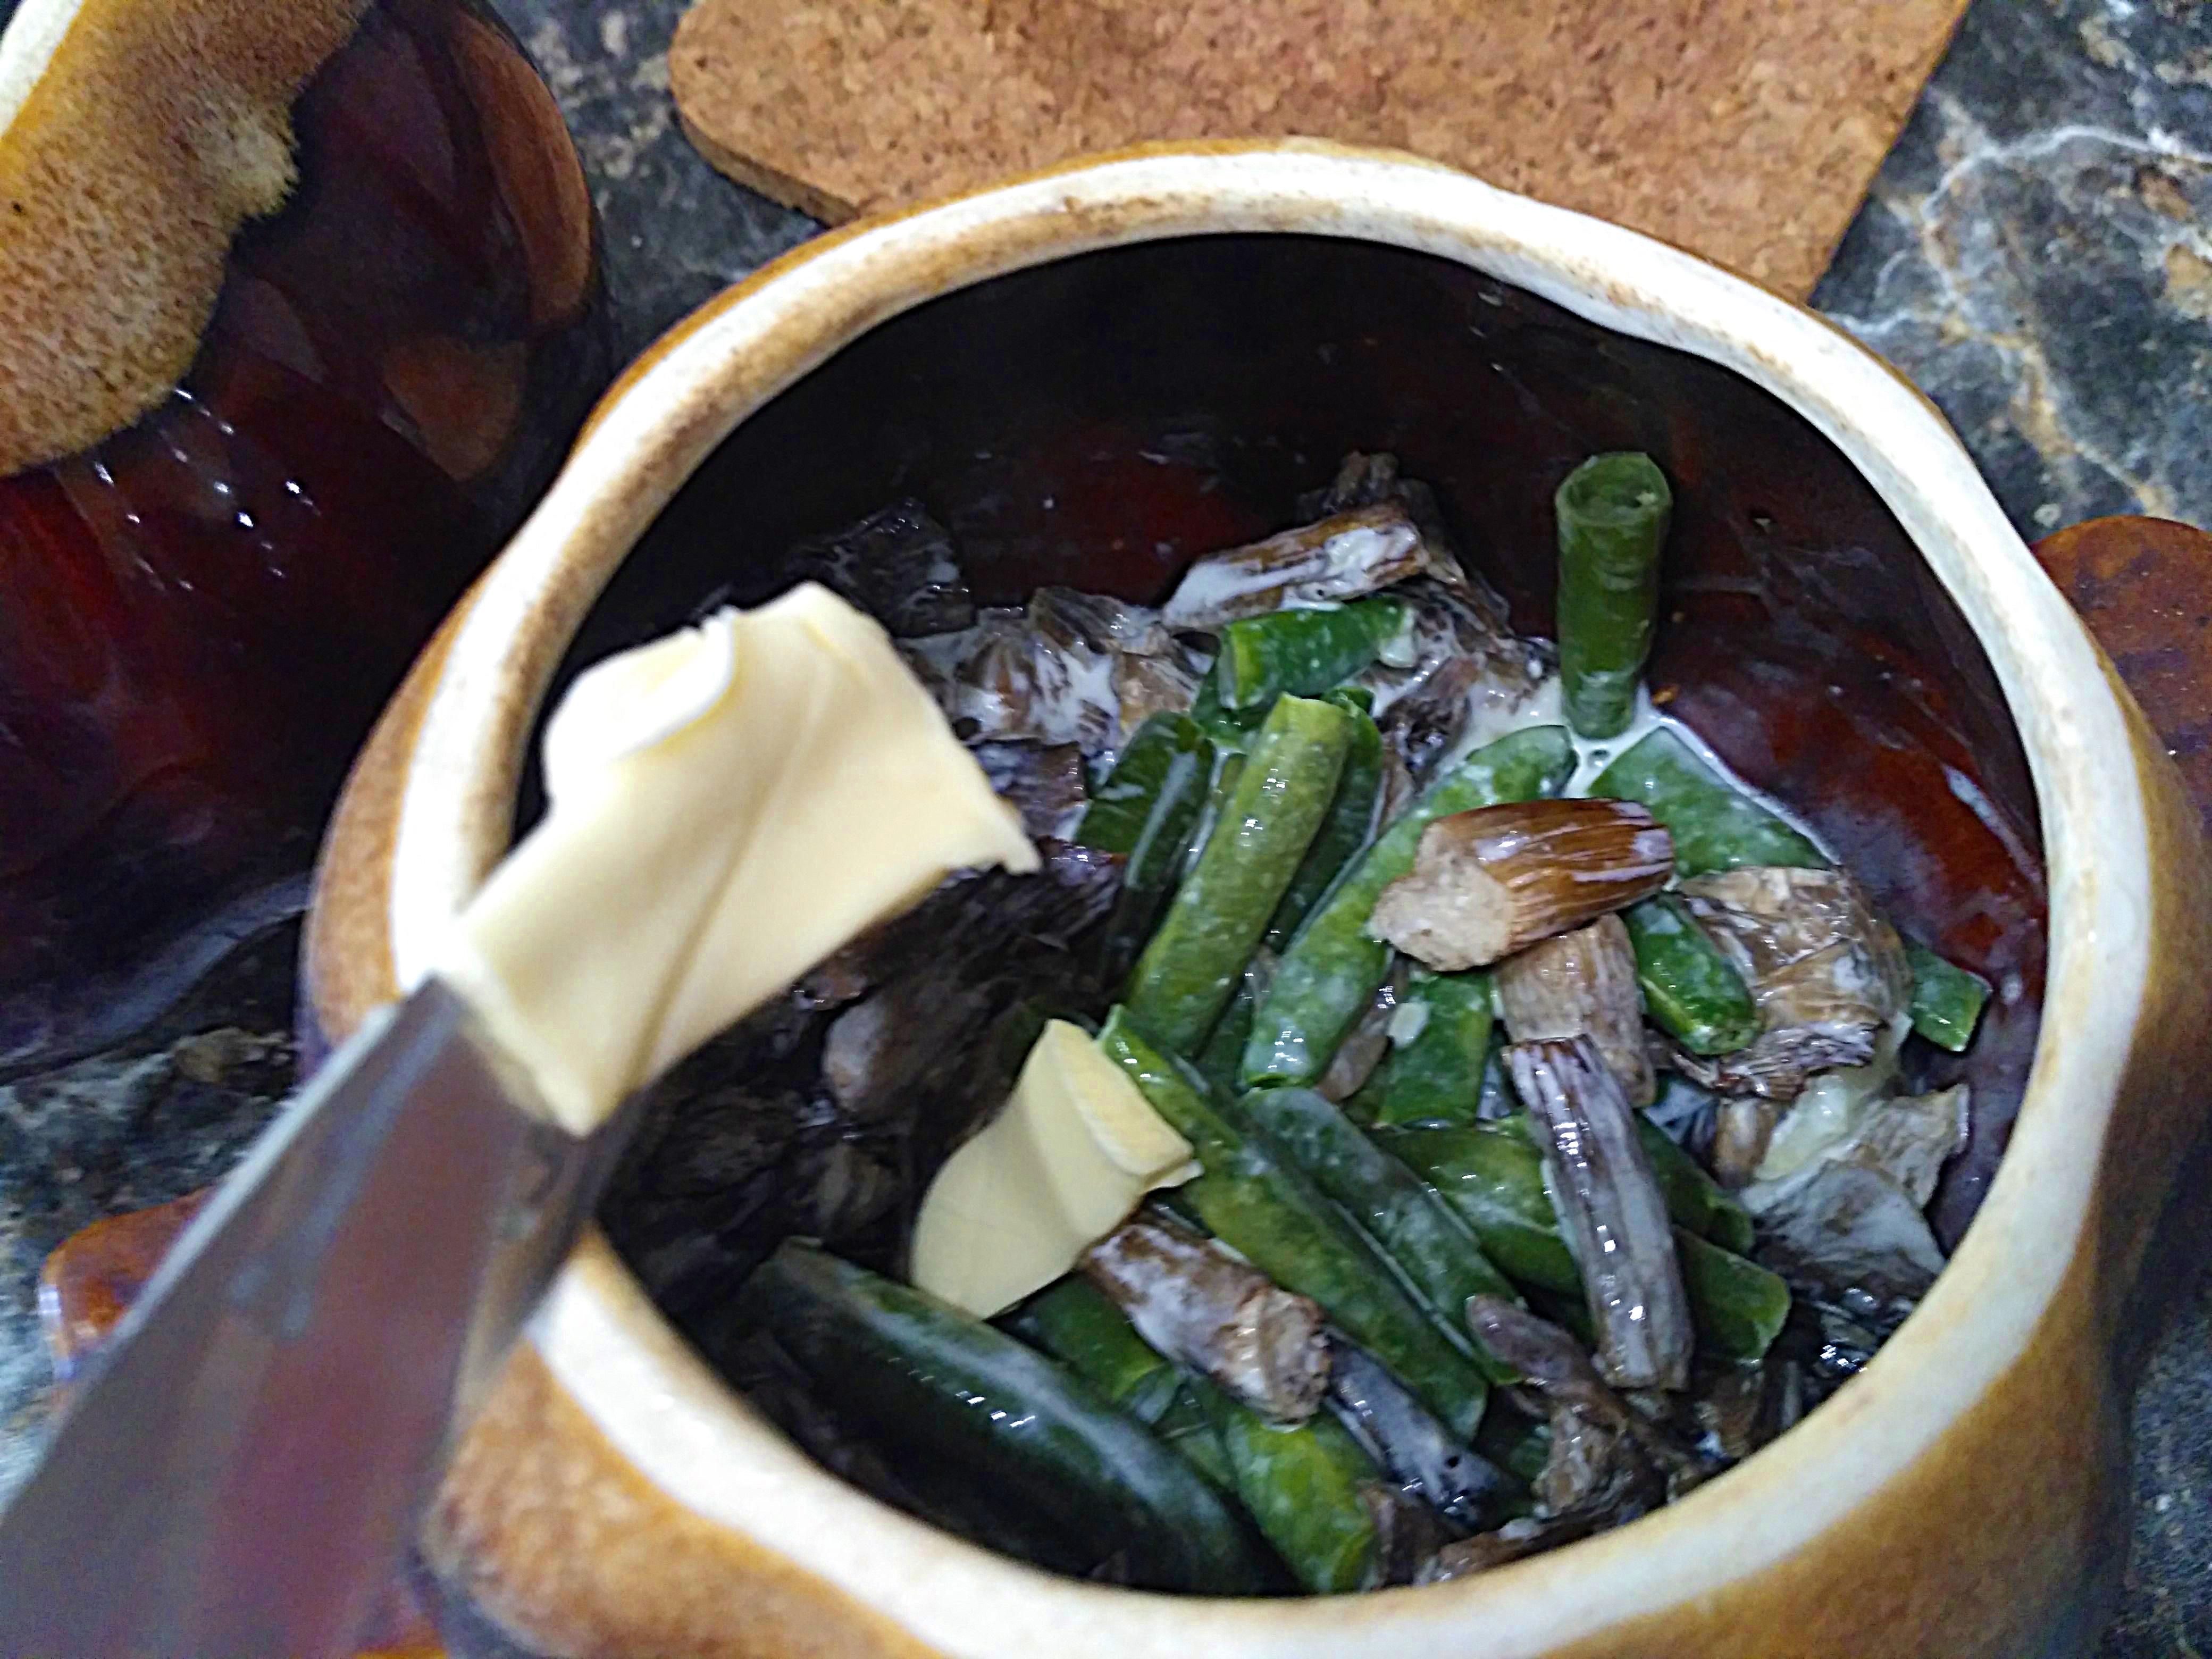 кладем сливочное масло в горшочек с грибами и фасолью